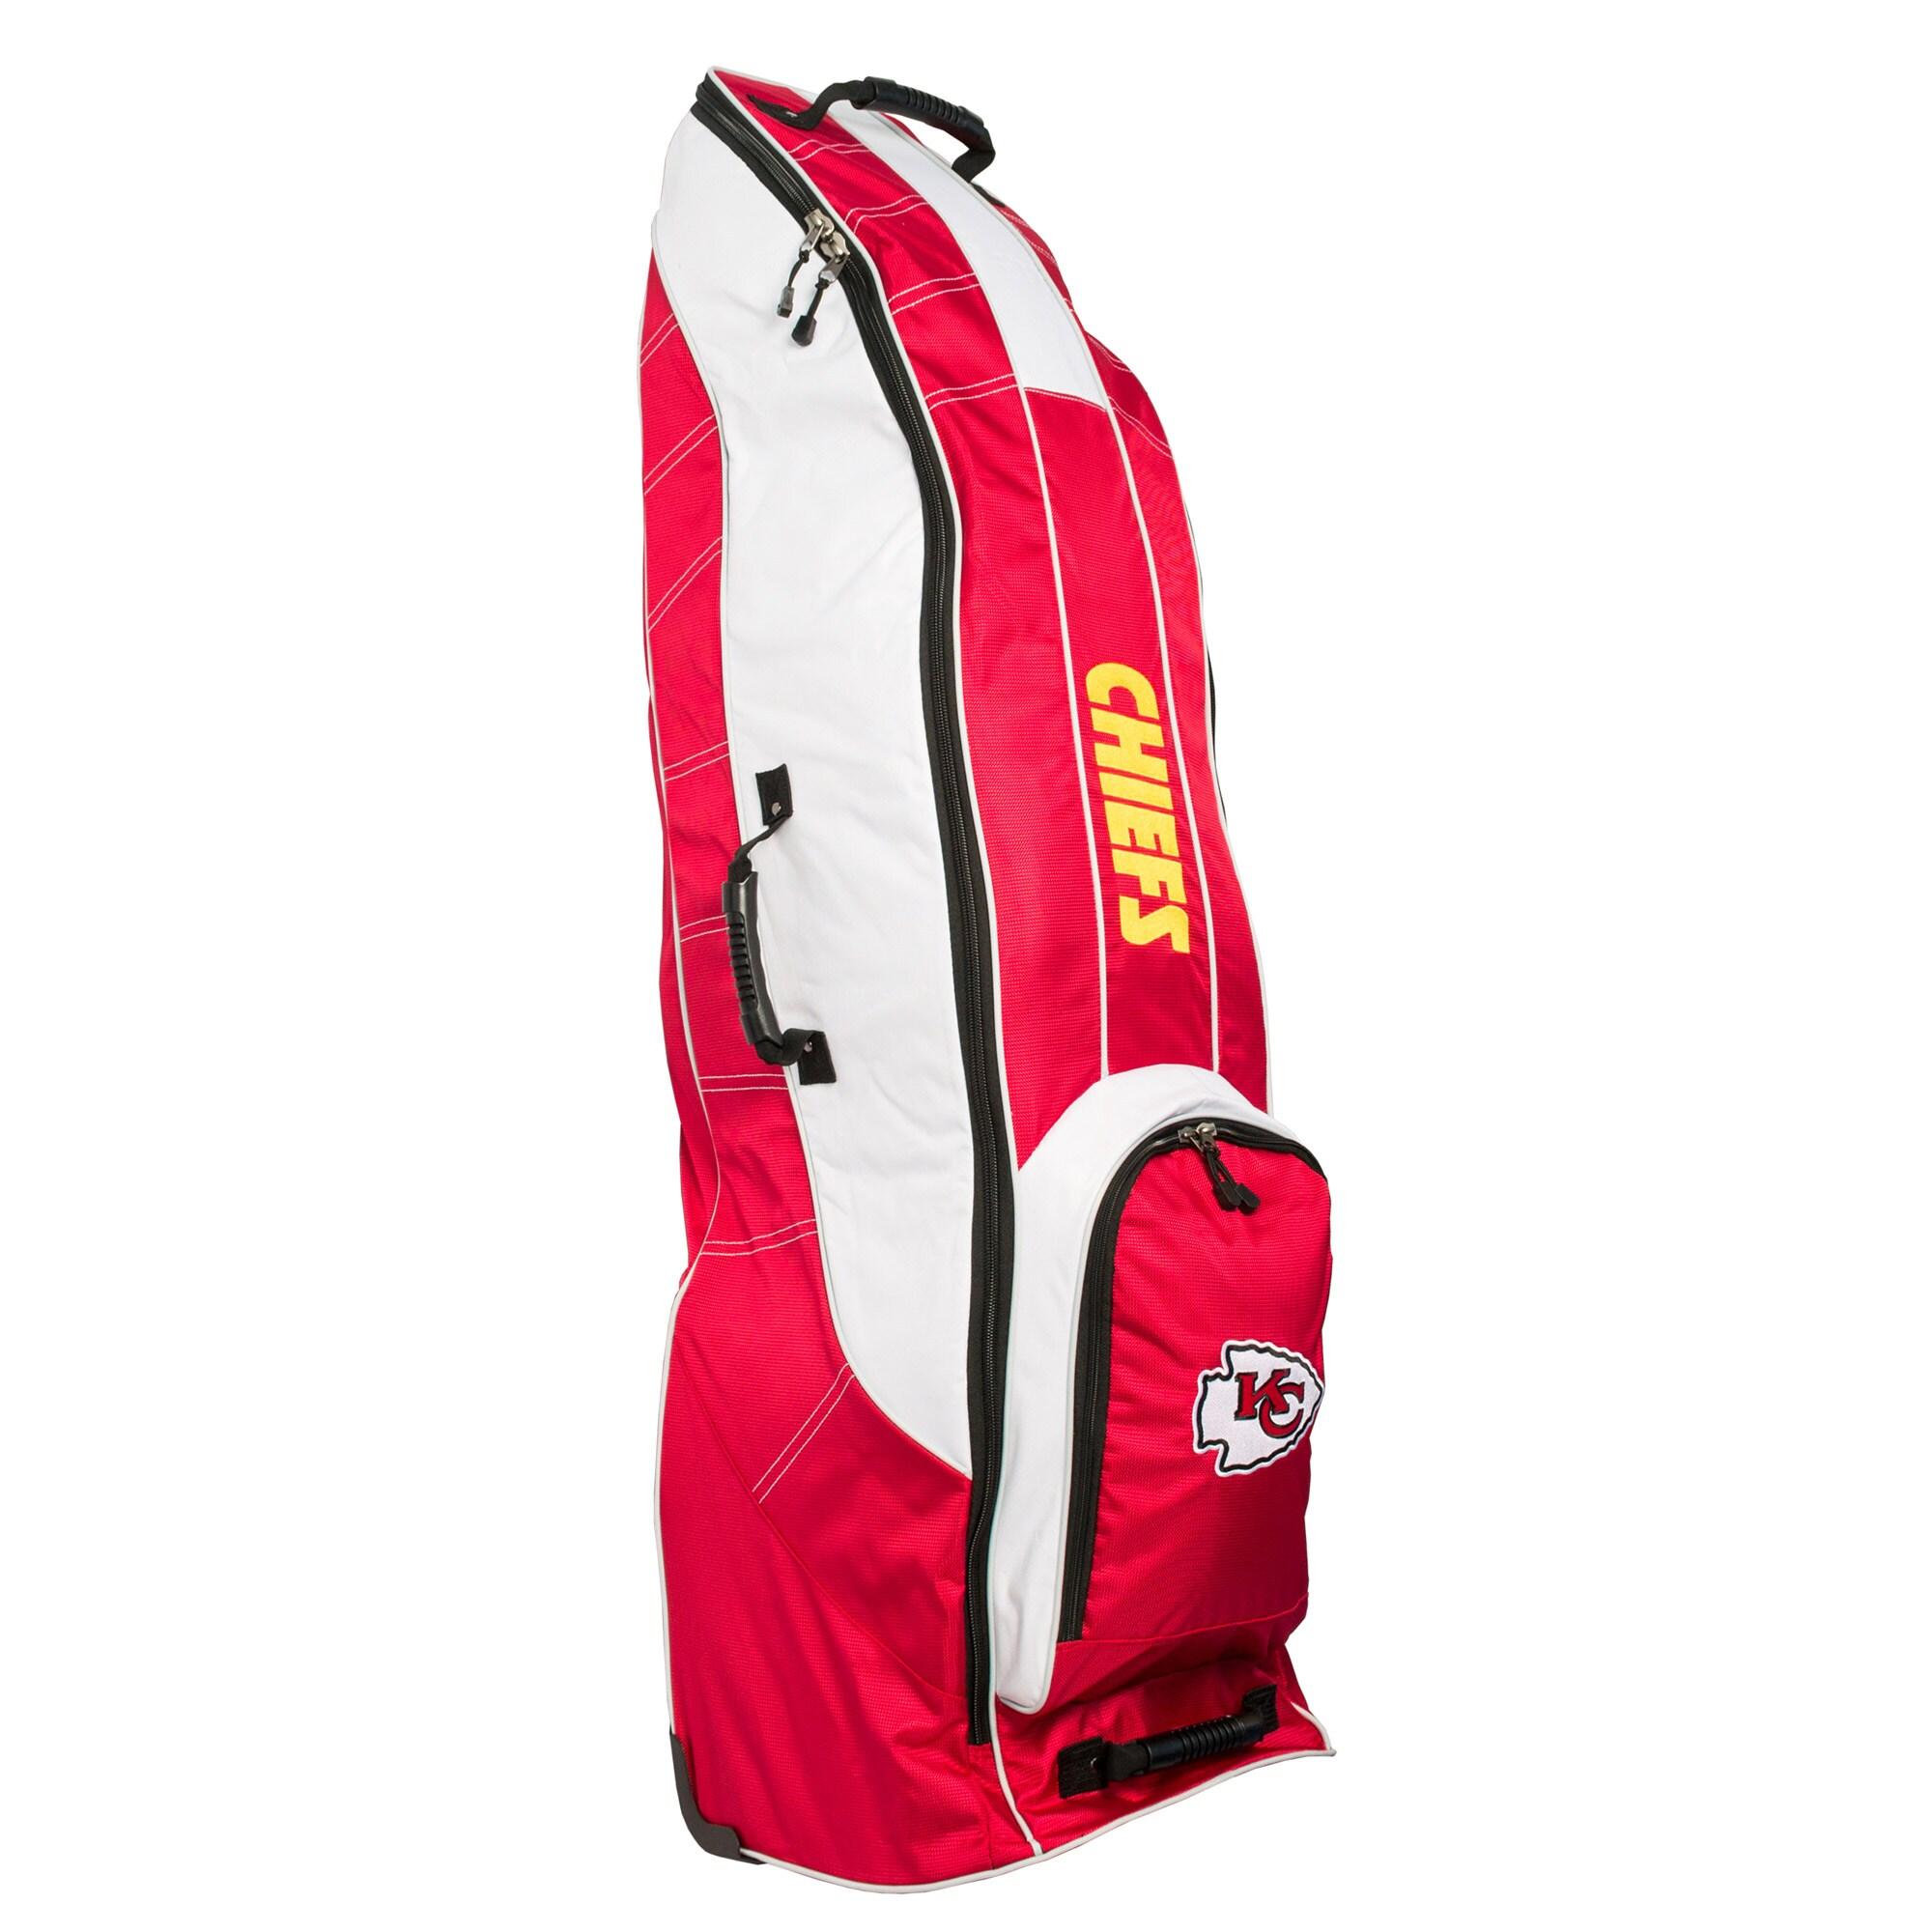 Kansas City Chiefs Team Golf Travel Bag